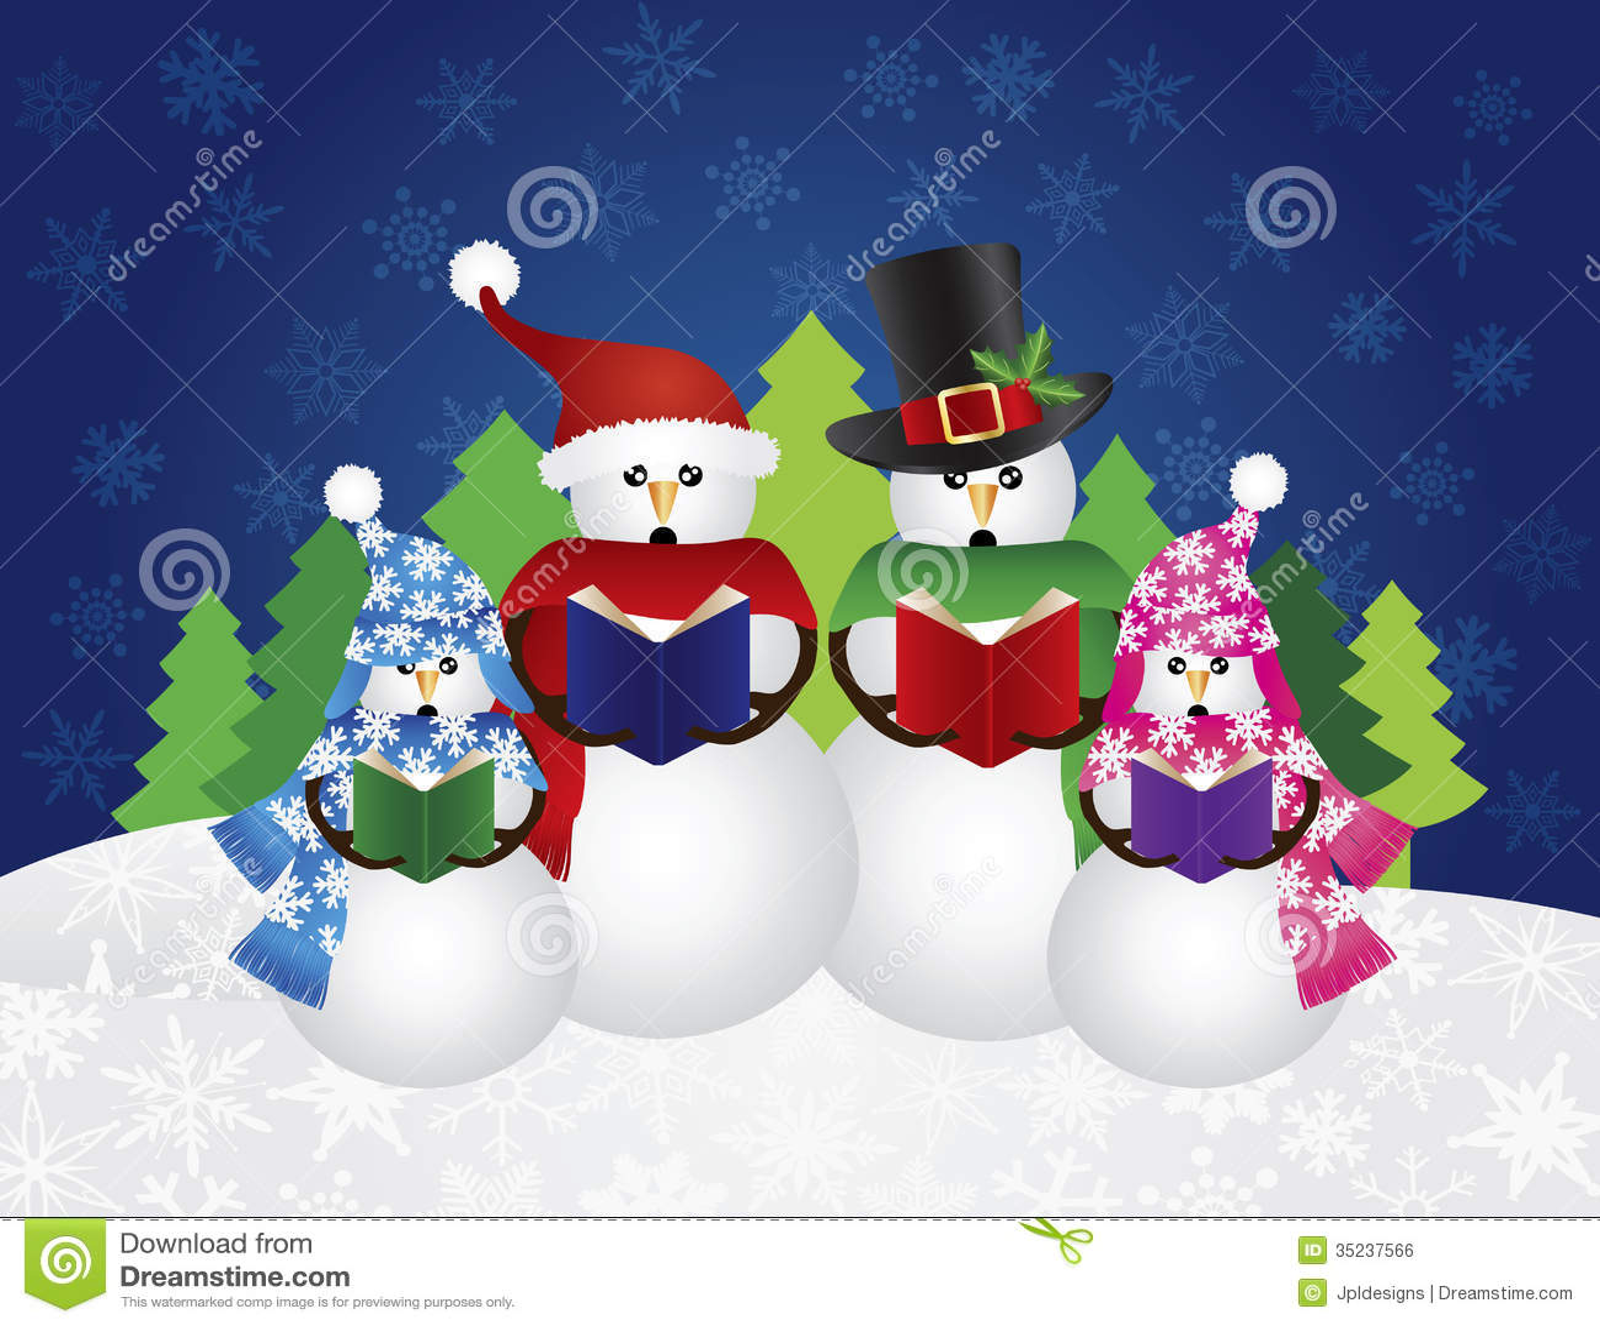 雪人圣诞节欢唱雪场面例证